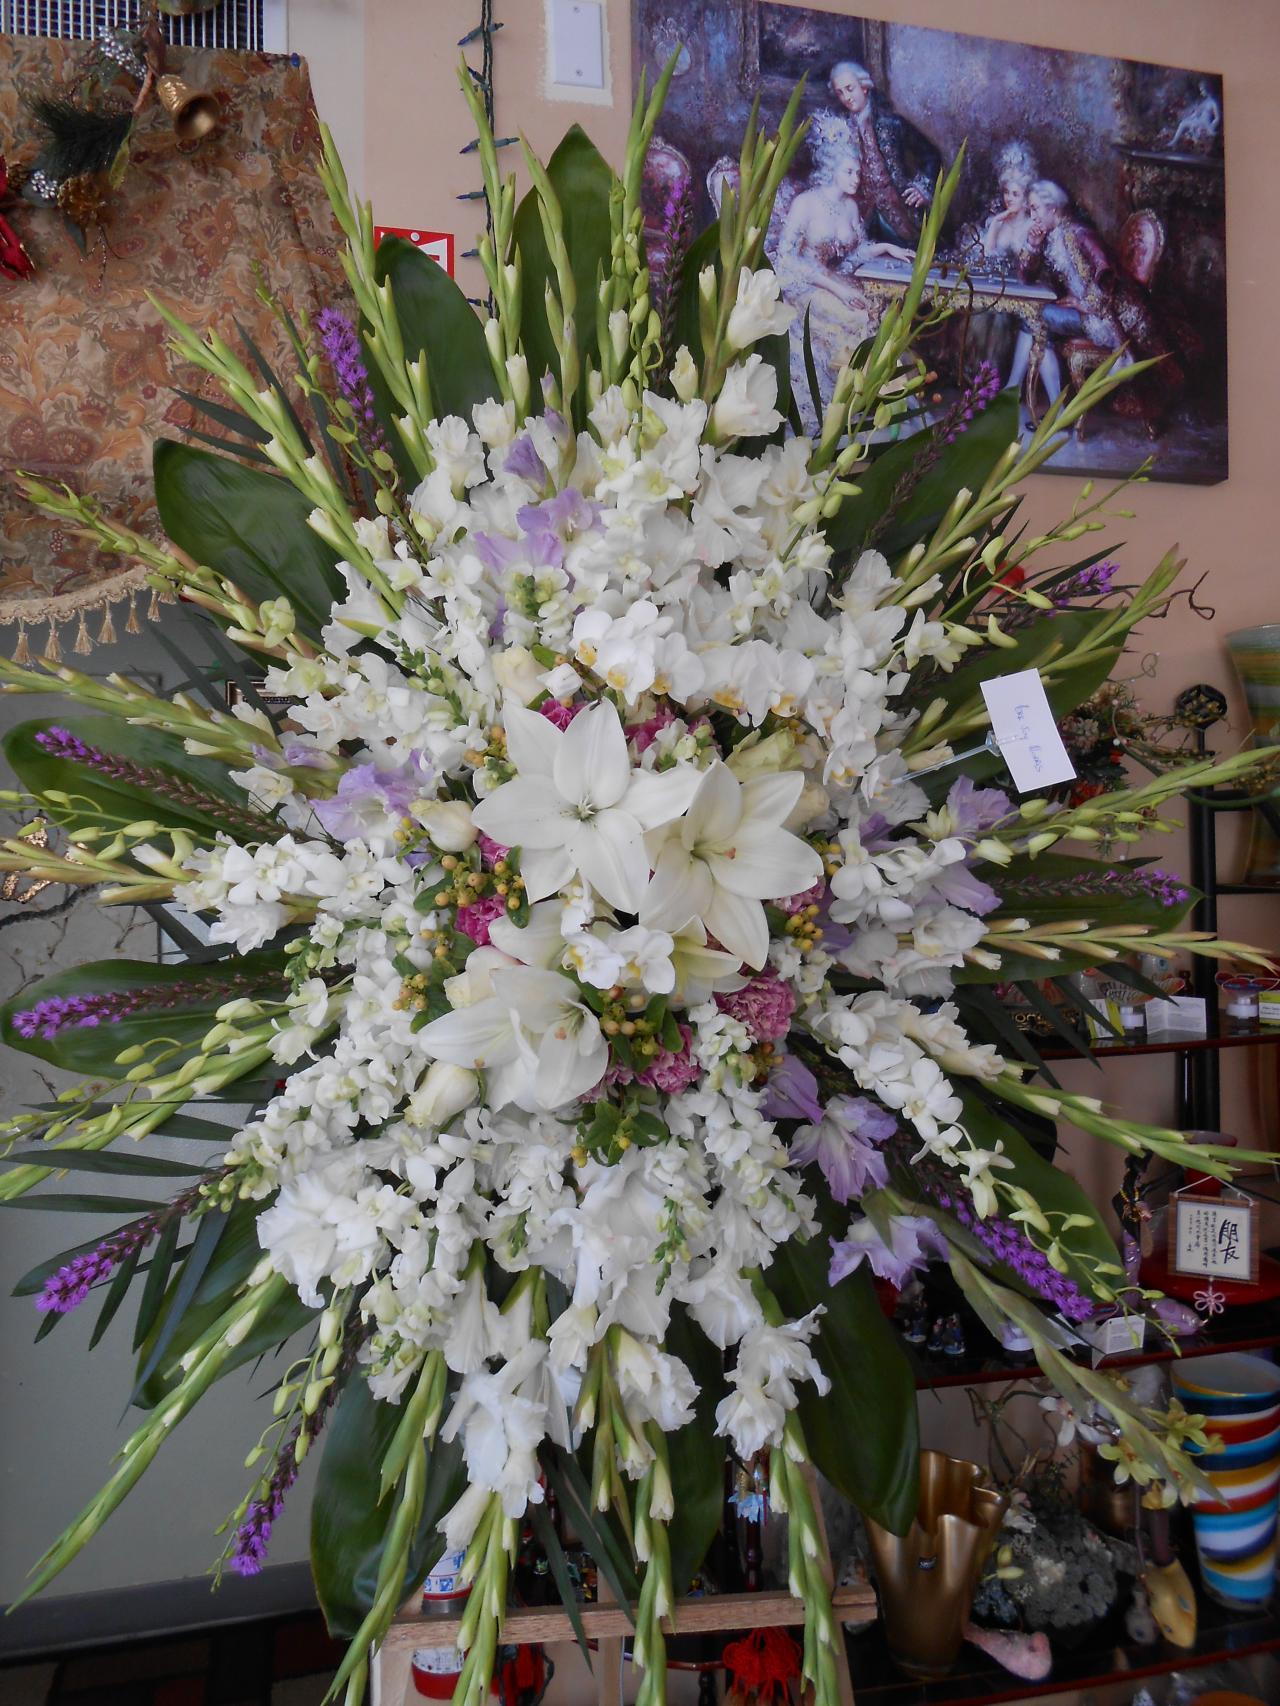 Van florist funeral flowers008192180759largeg izmirmasajfo